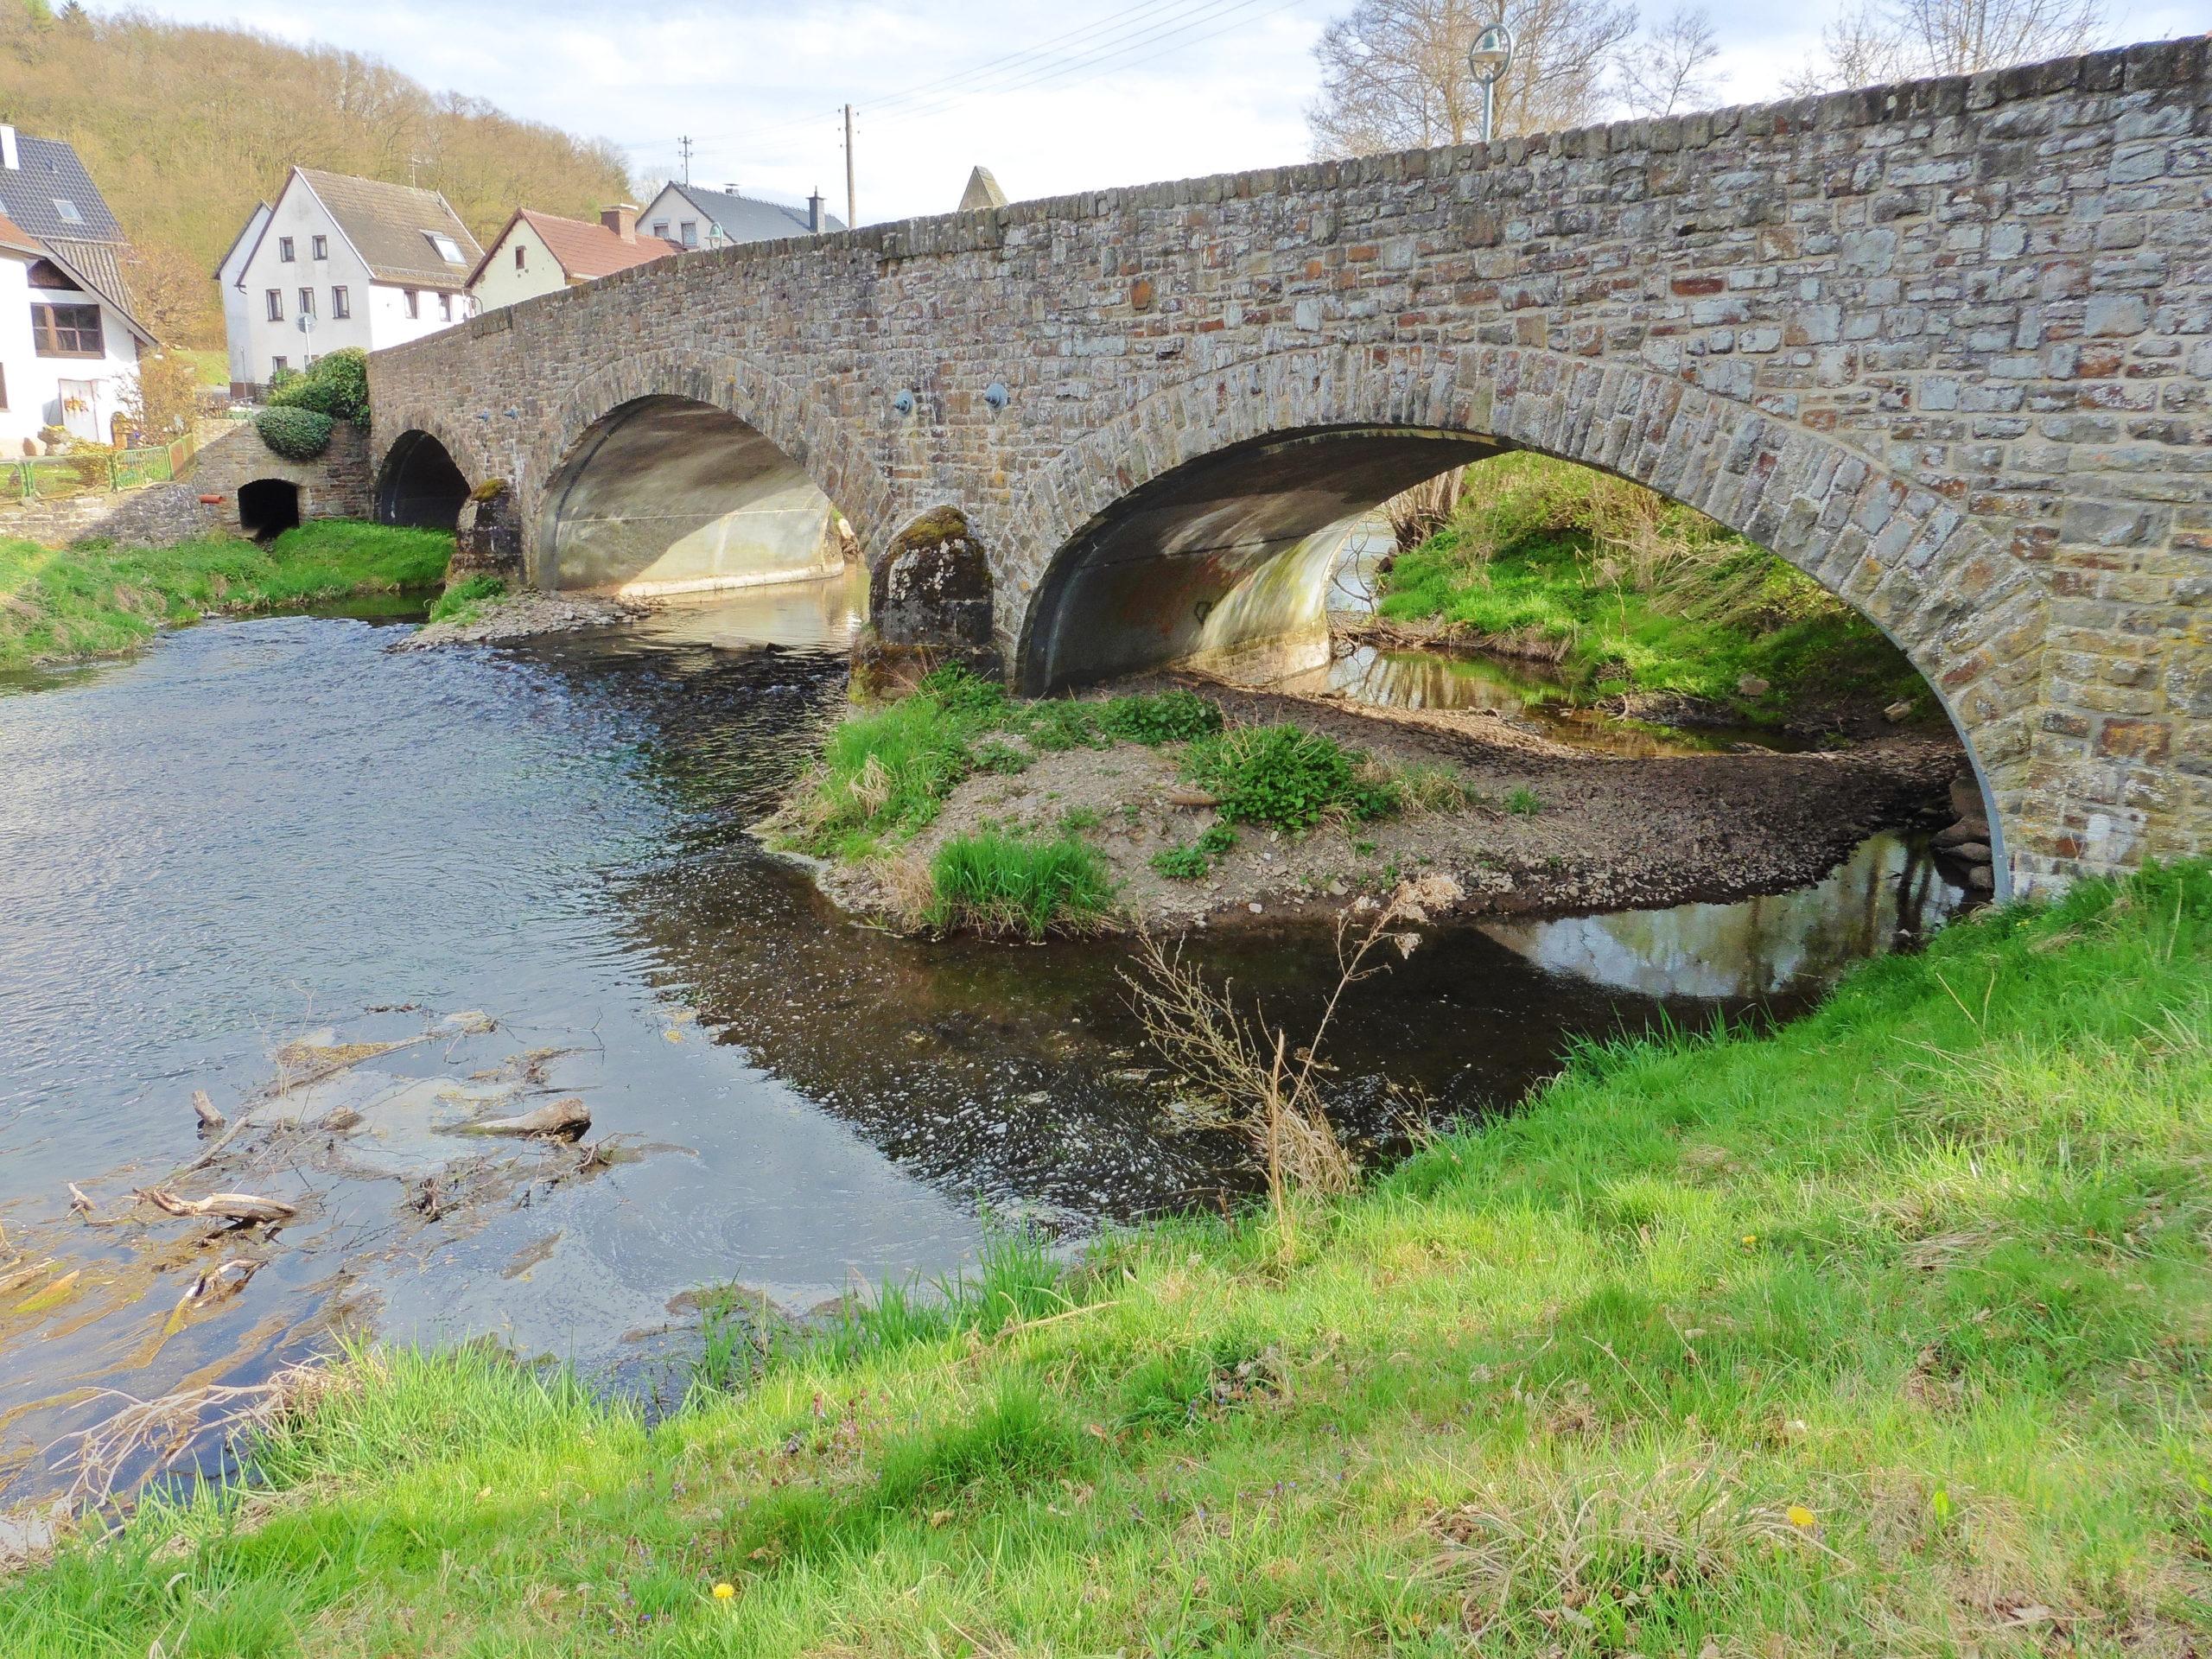 Nachhaltige Naturschutzmaßnahmen in Verbindung mit dem HochwasserschutzochwasserschutzH in Antweiler an der Ahr durch FWG-Initiative